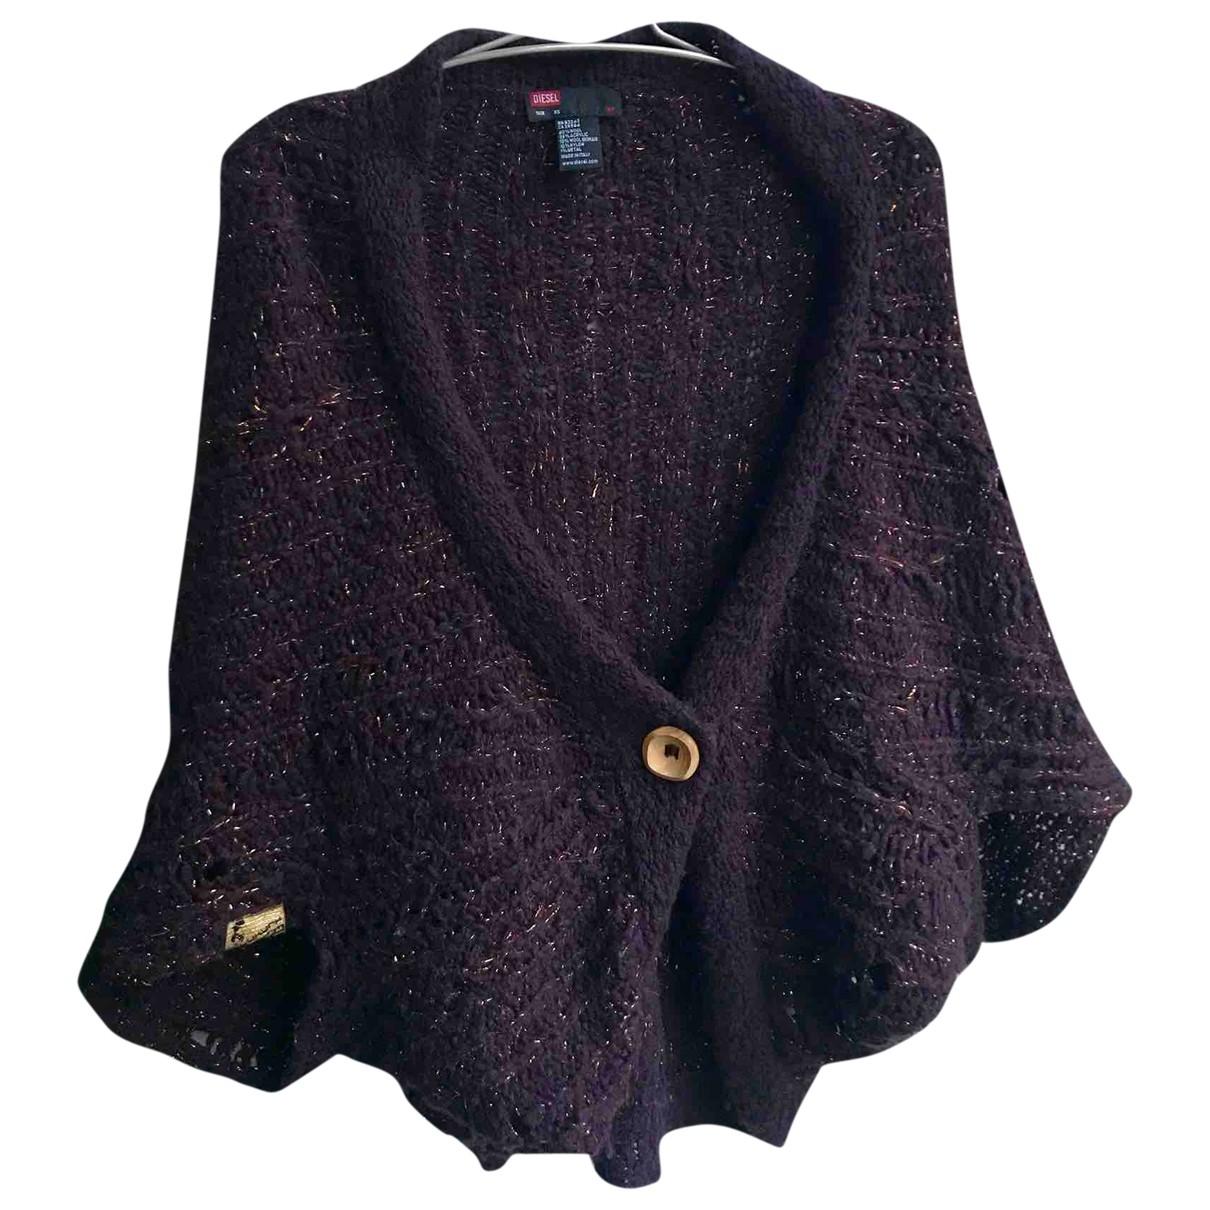 Diesel - Pull   pour femme en laine - violet